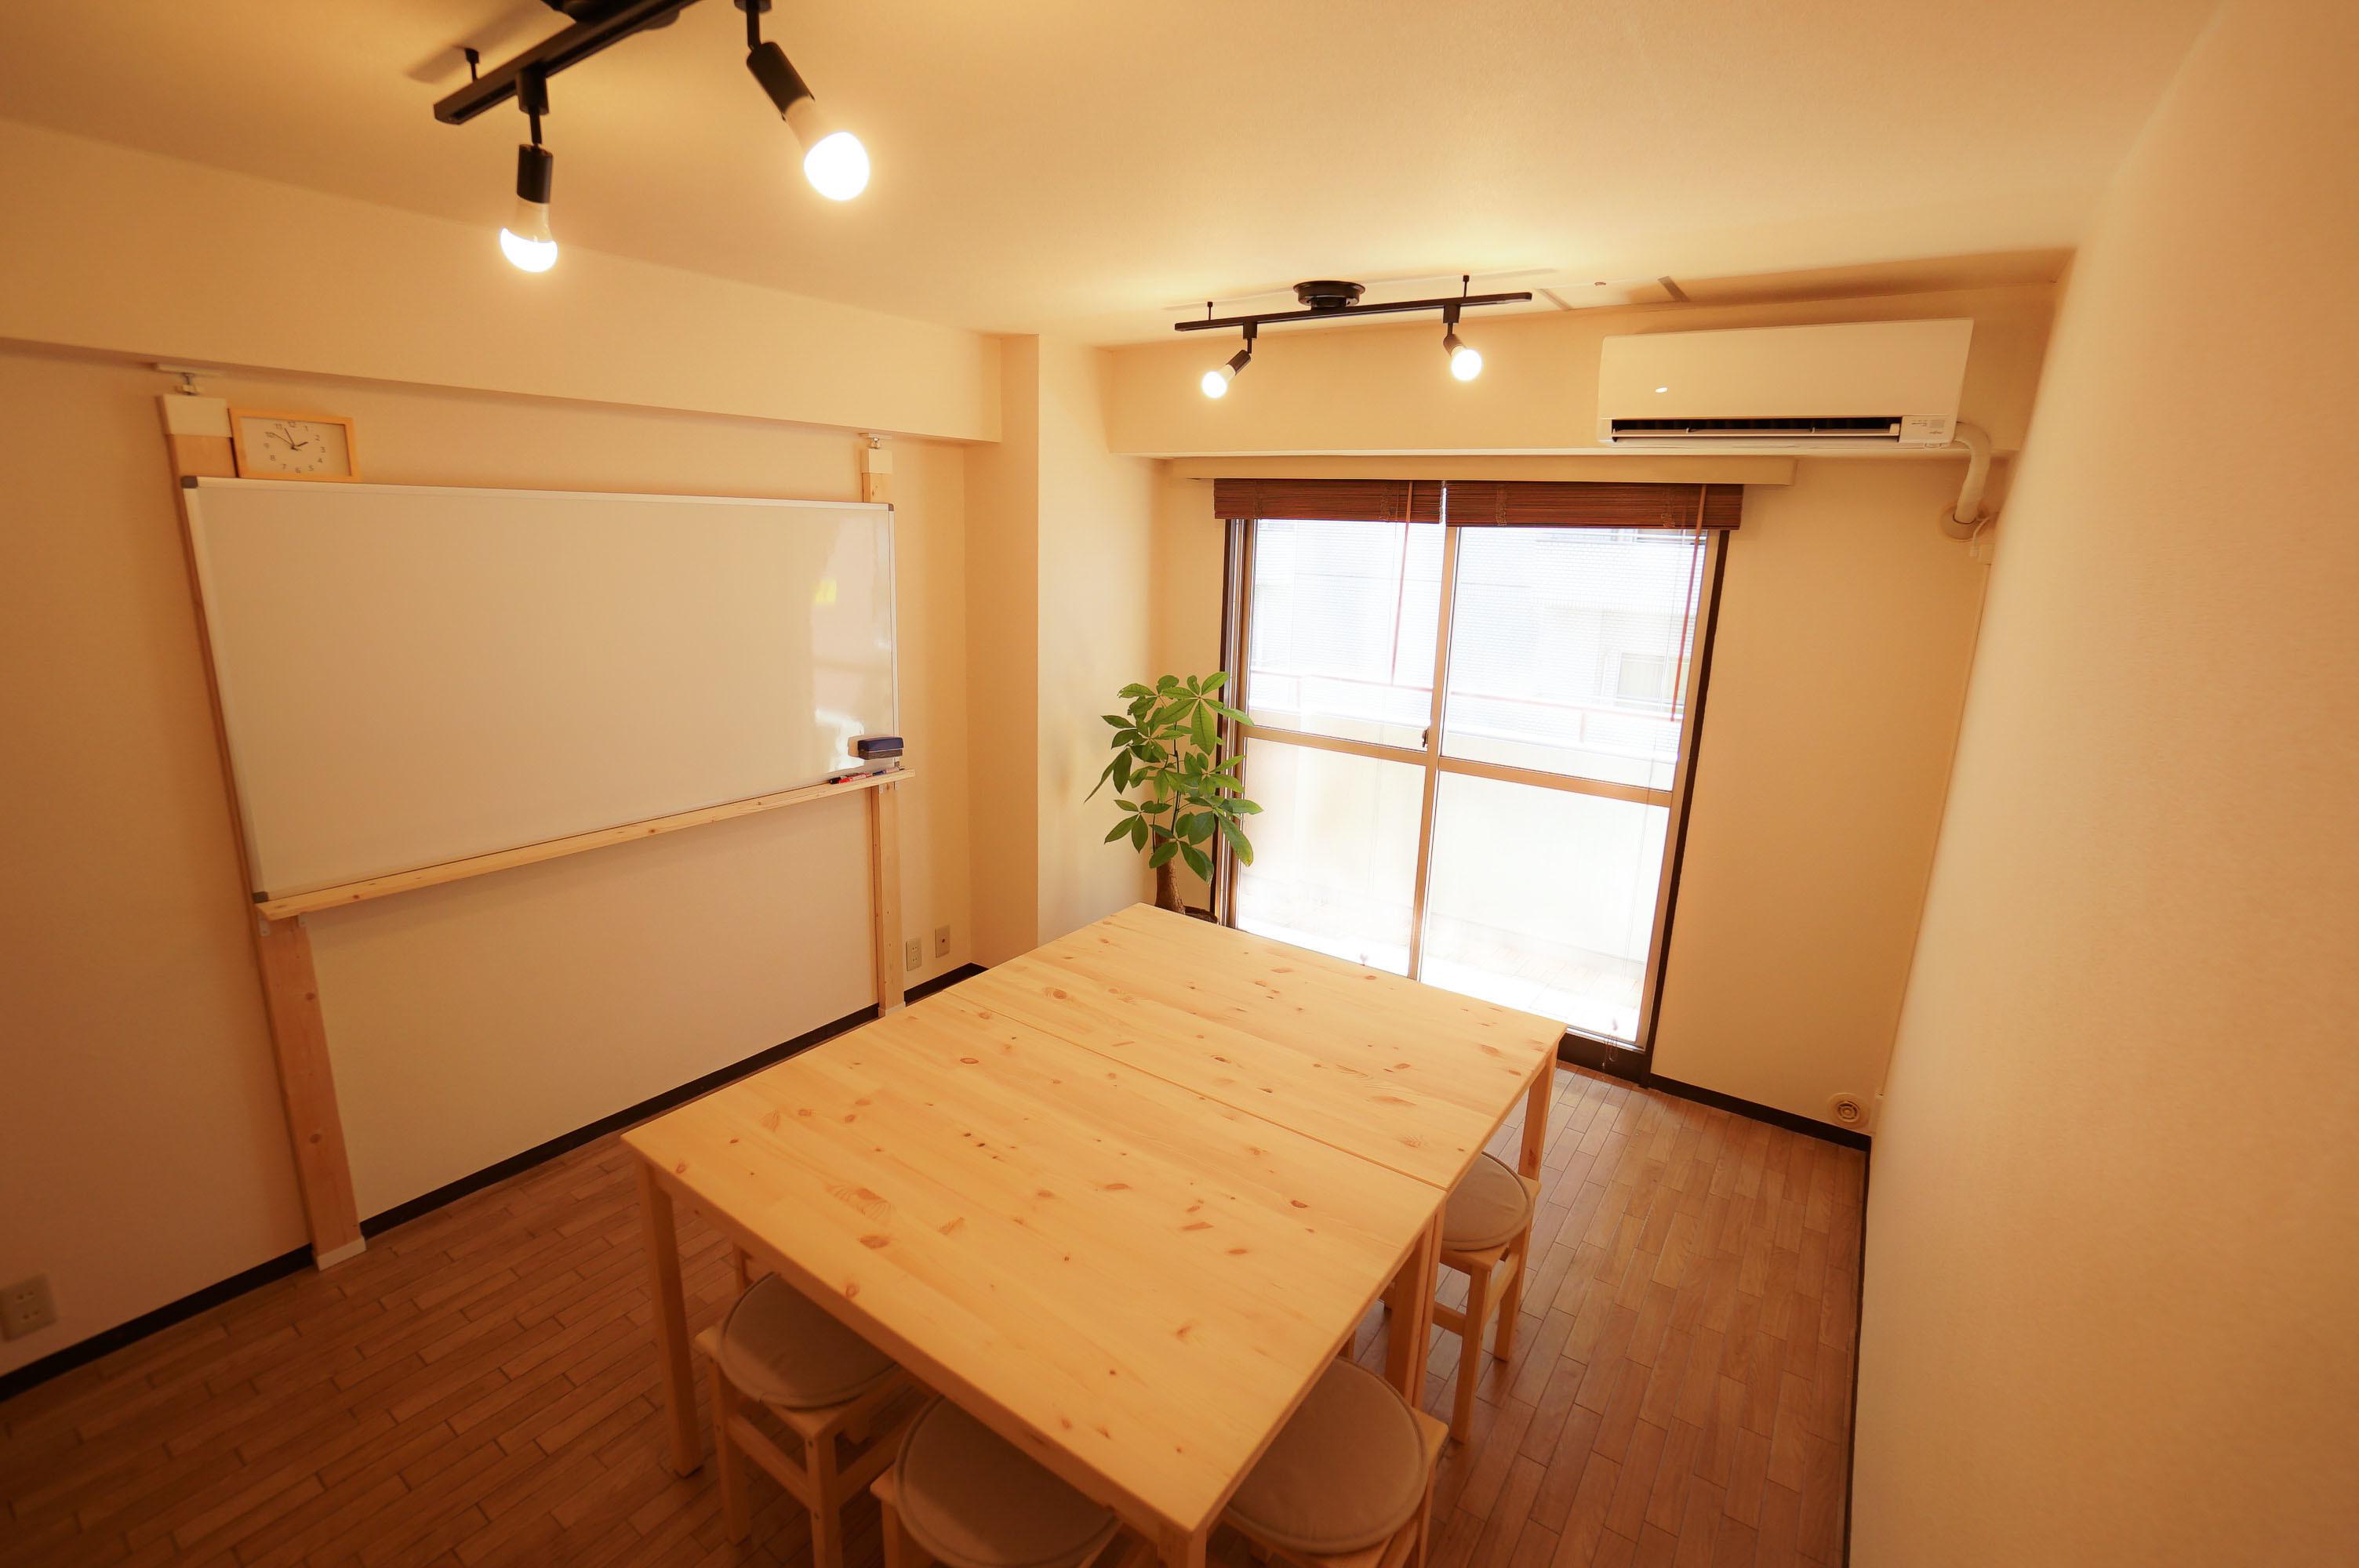 西新宿 木のぬくもりスペース 4F たぬき分室の室内の写真